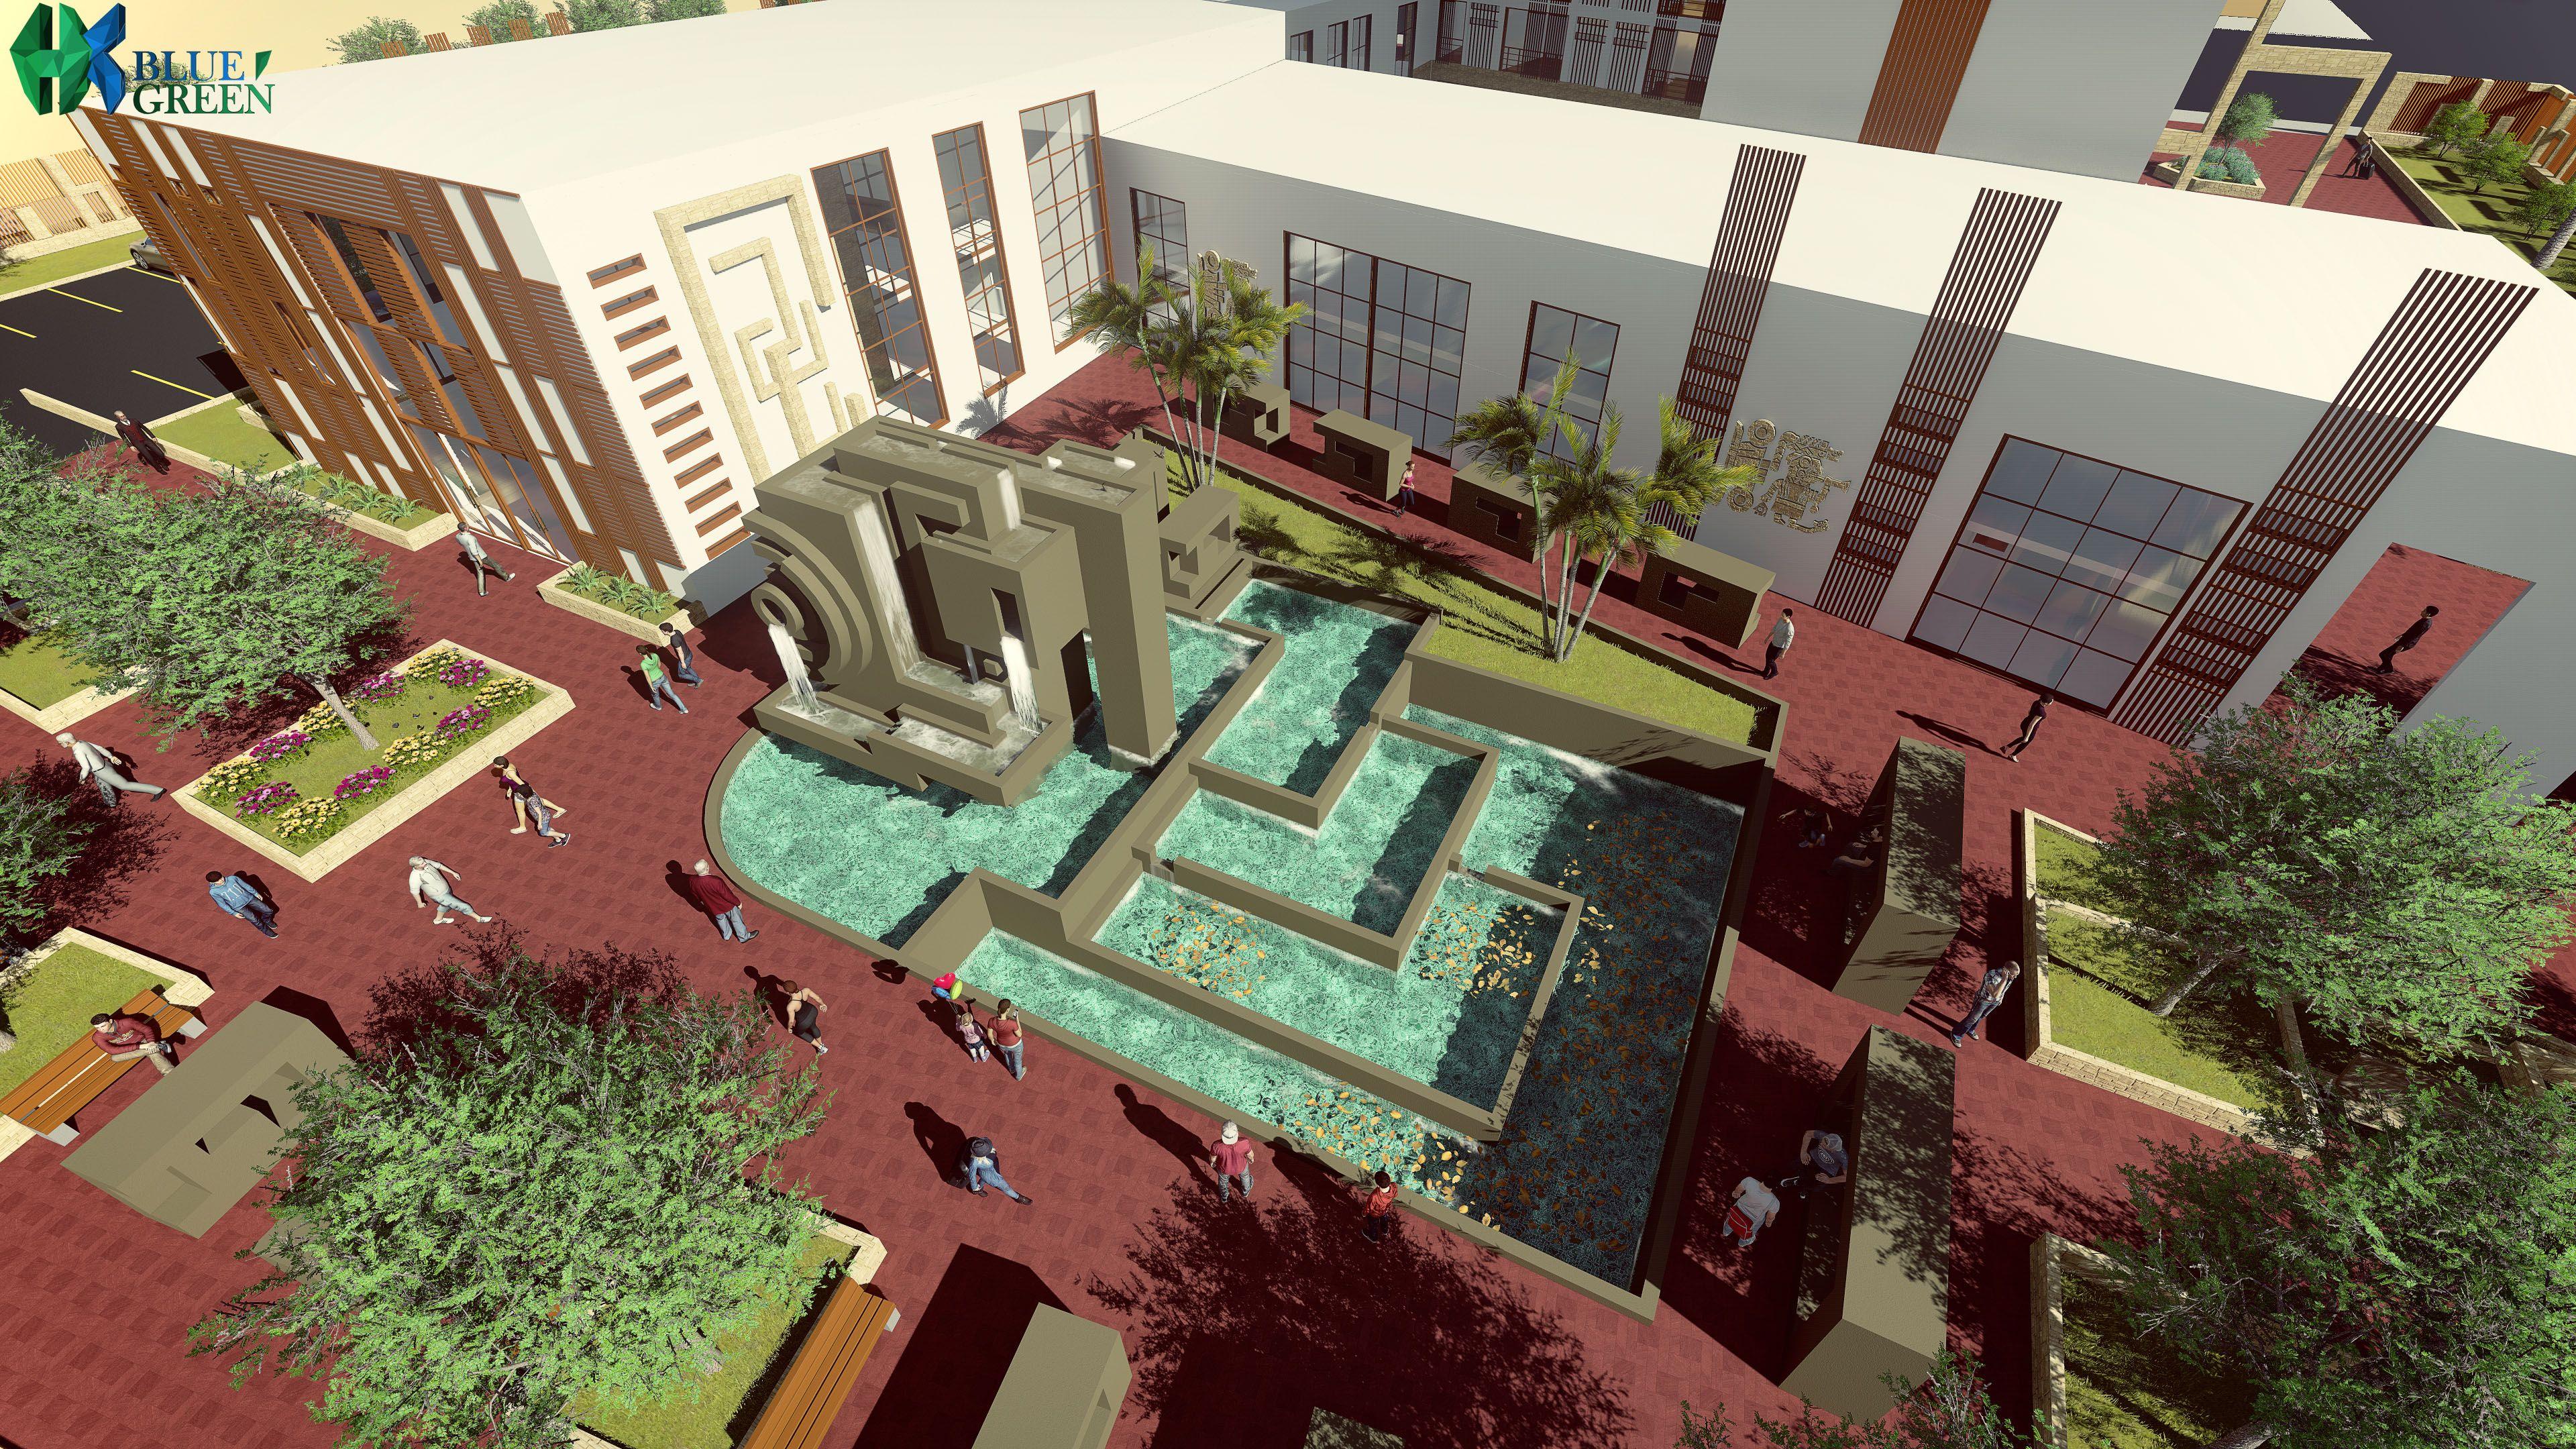 Centro de Ocio Nocturno - HKBLUEGREEN. Proyecto que consta de Discoteca, Karaoke, Casino y Hotel. Proyecto de Taller 7 Facultad de Arquitectura UPN para la nueva Ciudad de Olmos